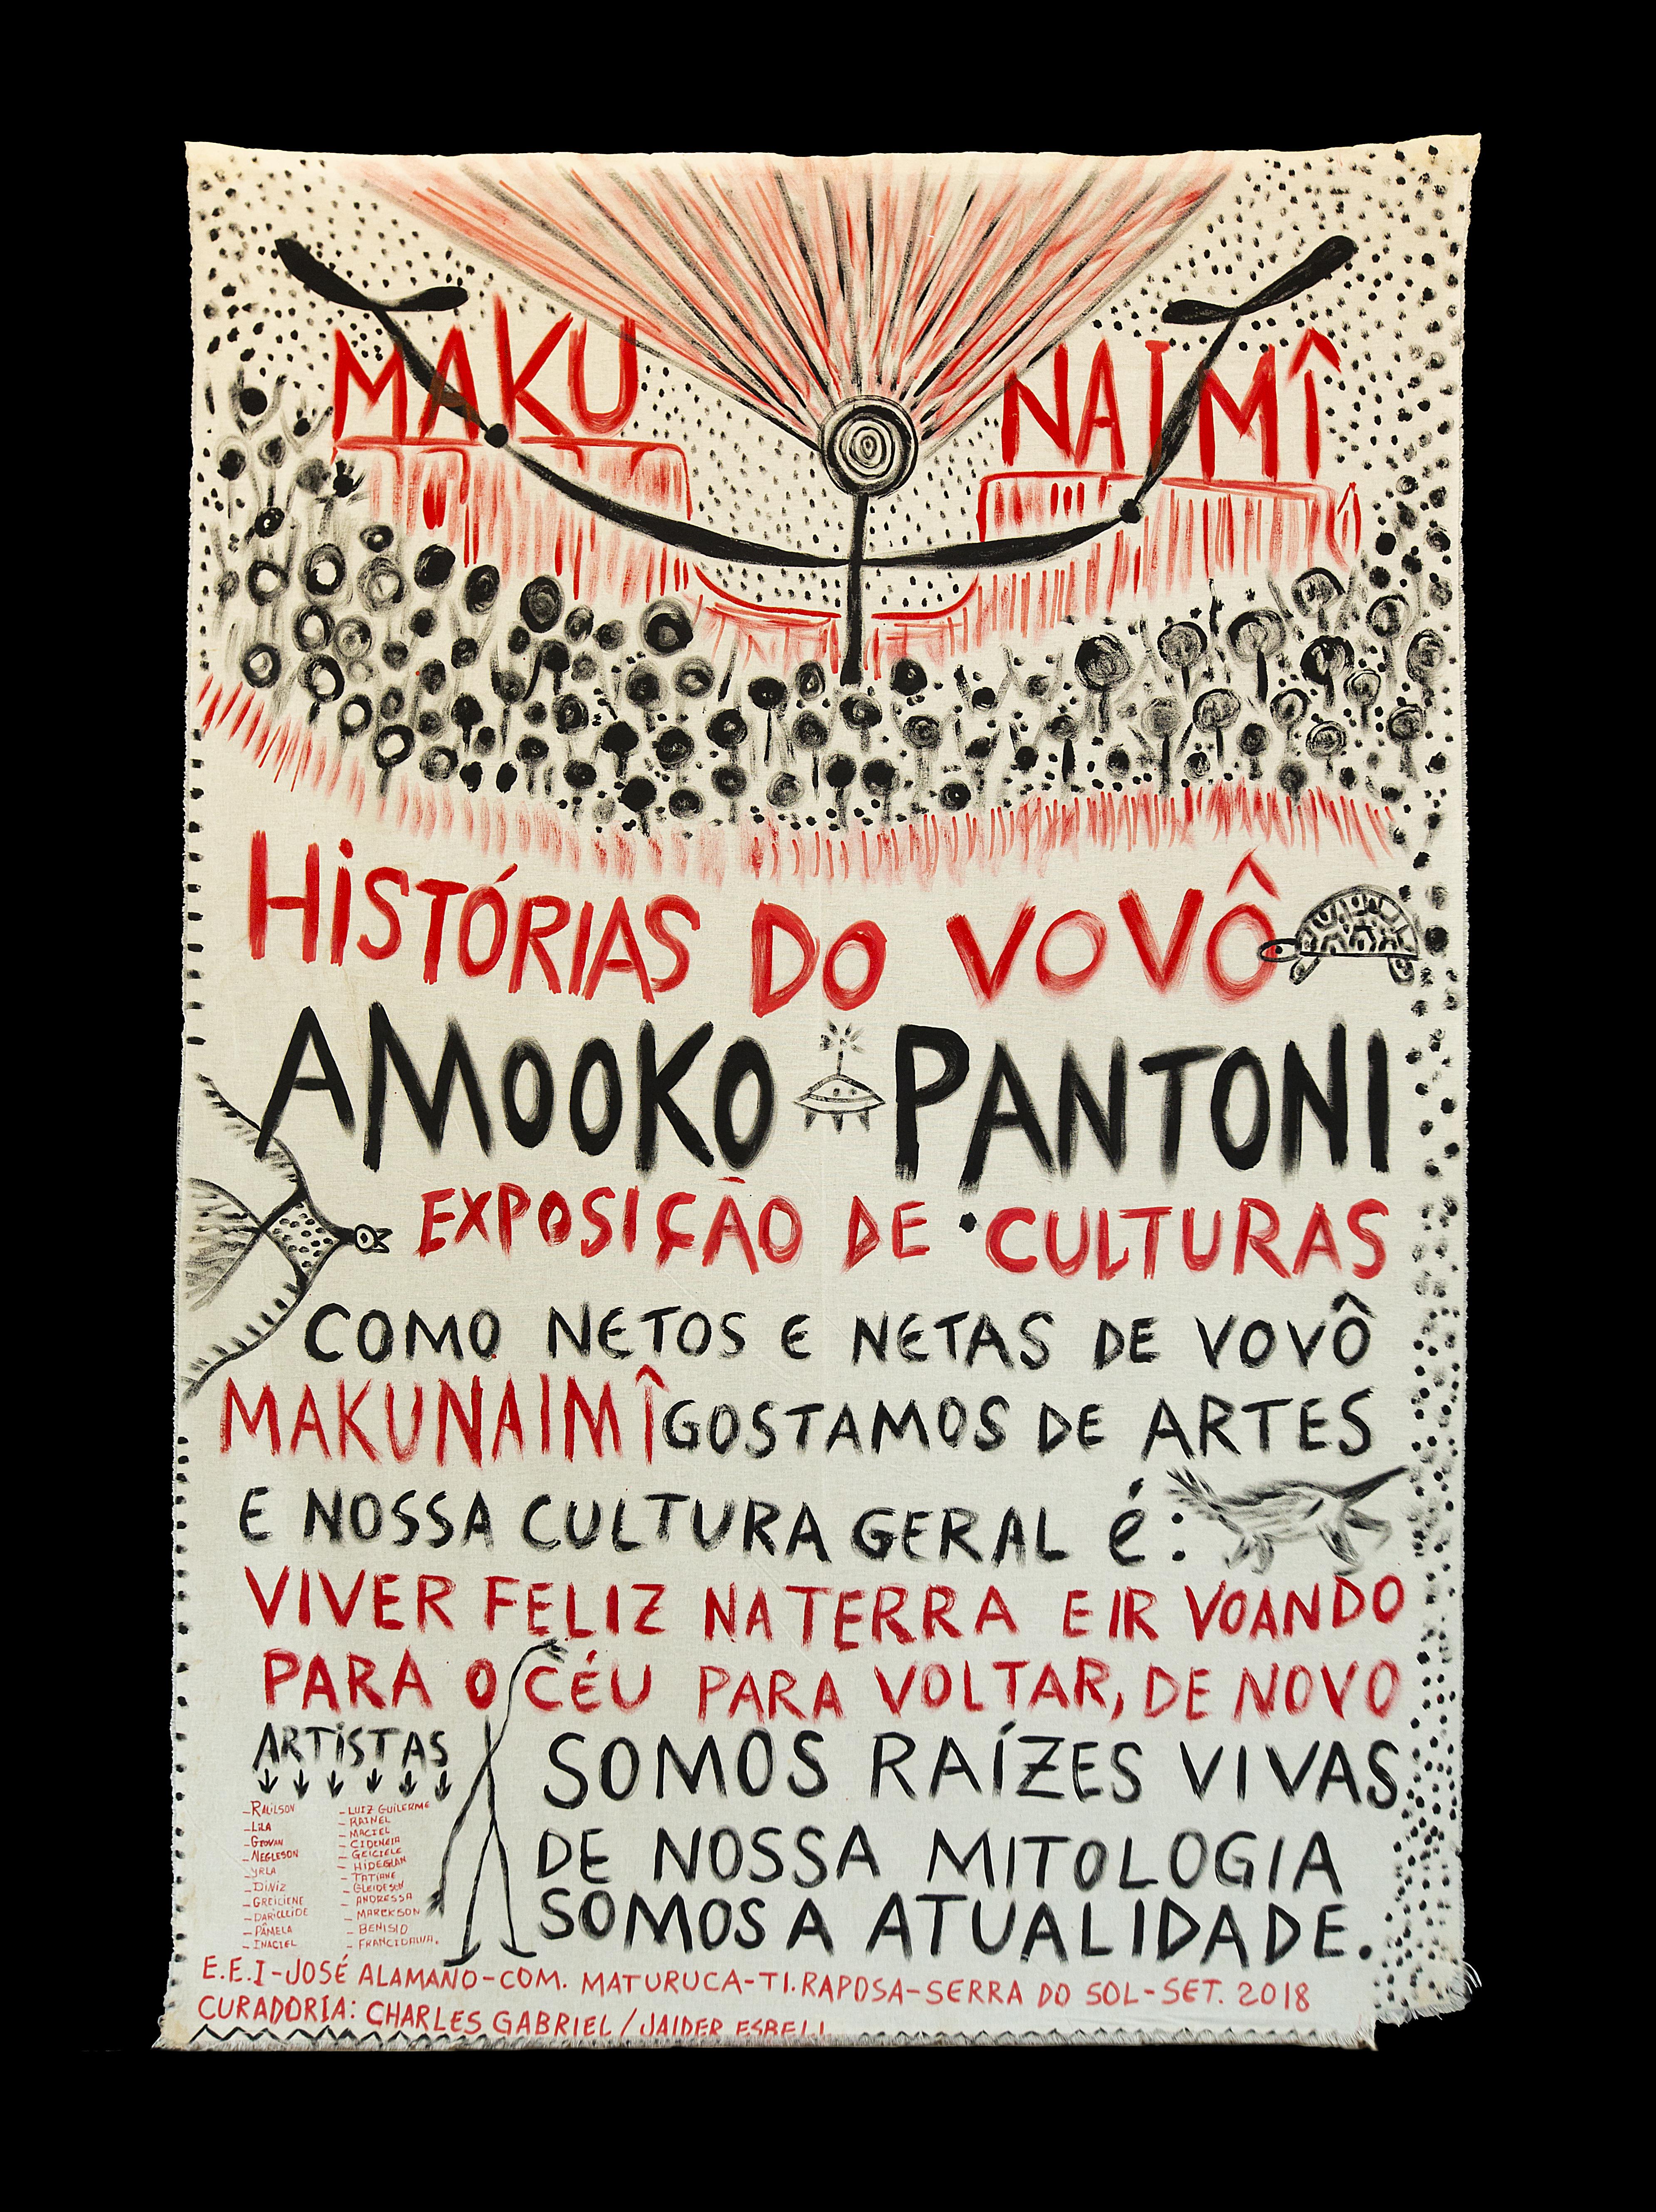 Jaider Esbell, <i>Amooko pantoni - Histórias do vovô Makunaimî</i>, 2018. Foto: Marcelo Camacho. Cortesia do artista